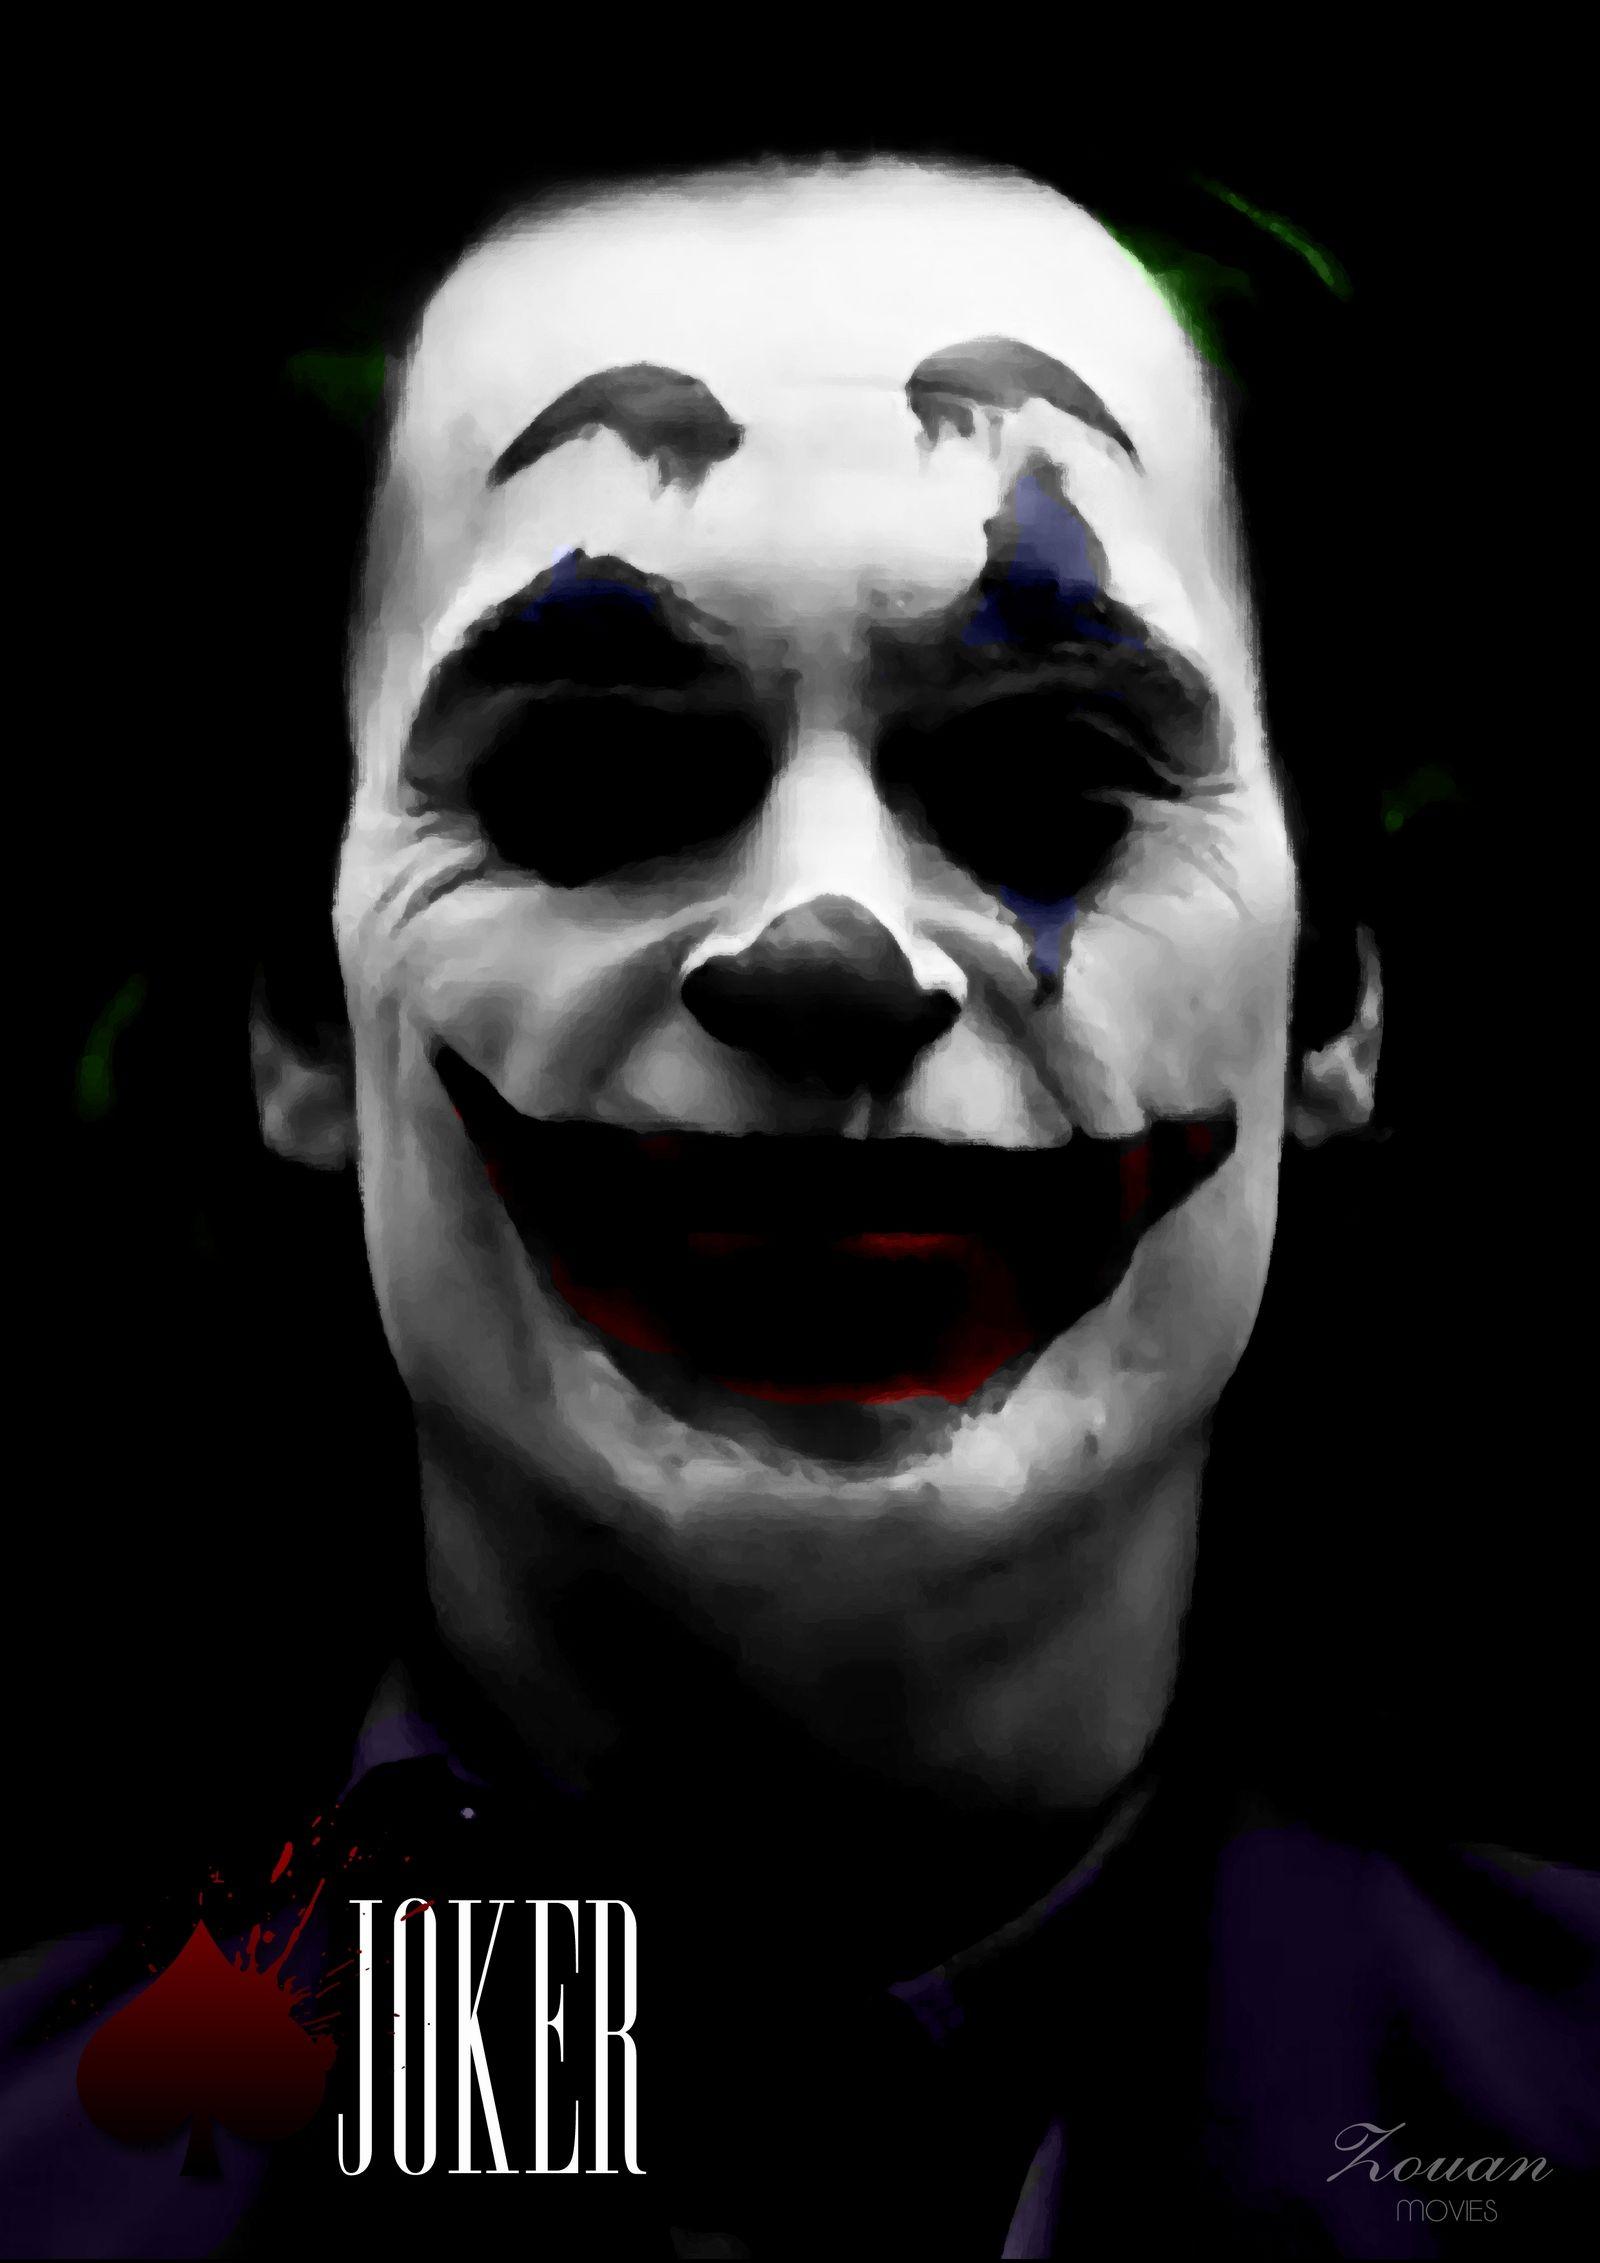 Joker 2019 Joaquin Phoenix Joker Pics Joker Poster Joker 2019 Poster